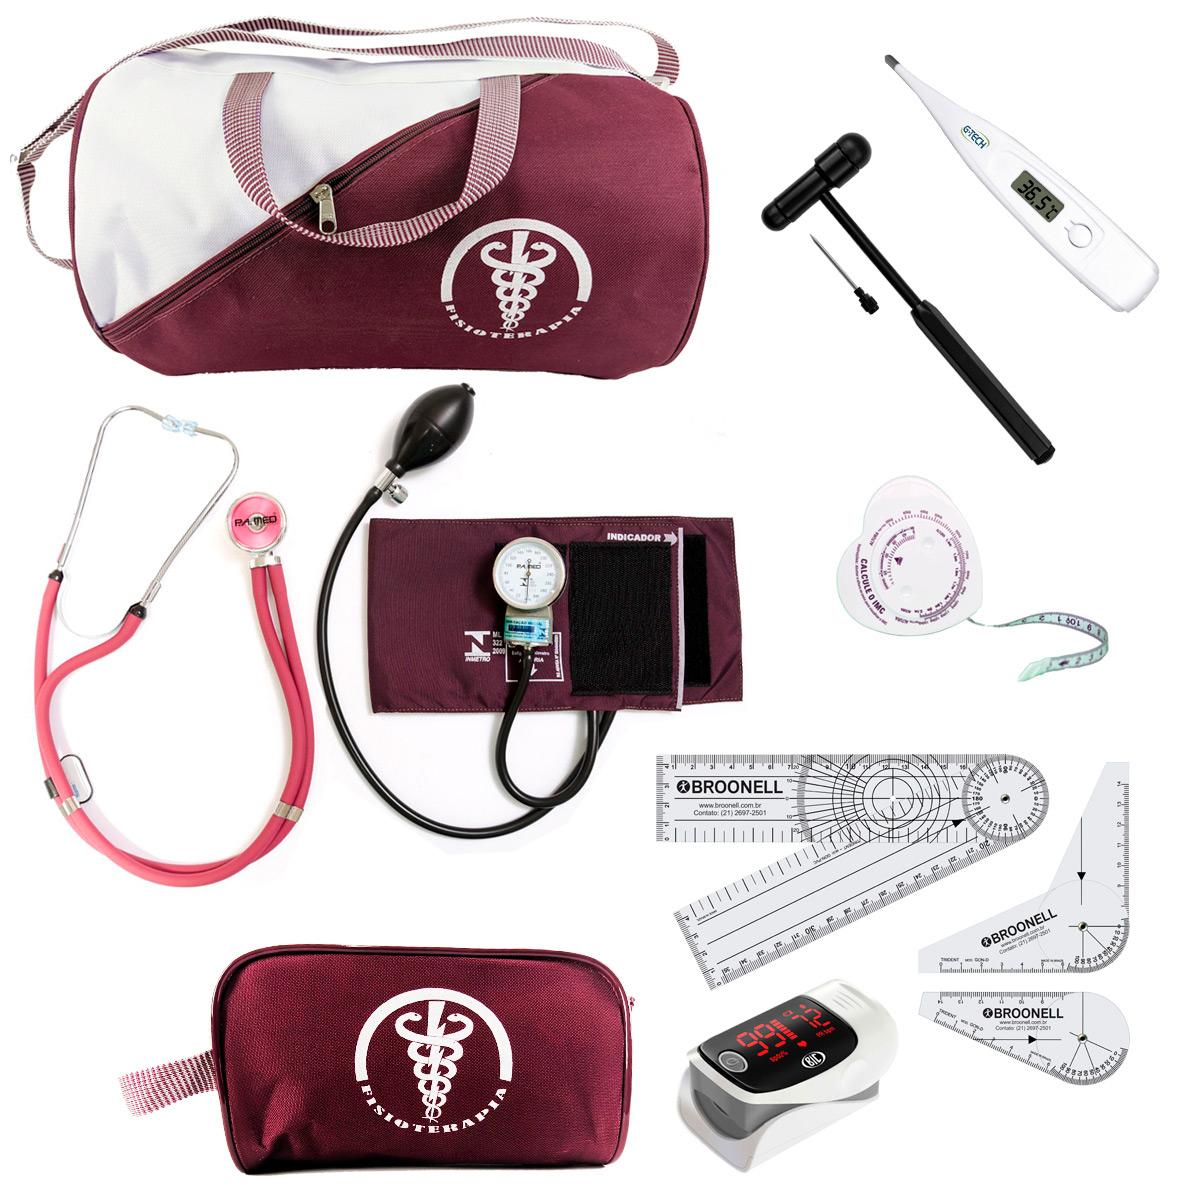 Kit De Fisioterapia Goniometro Martelo Buck Black Oximetro